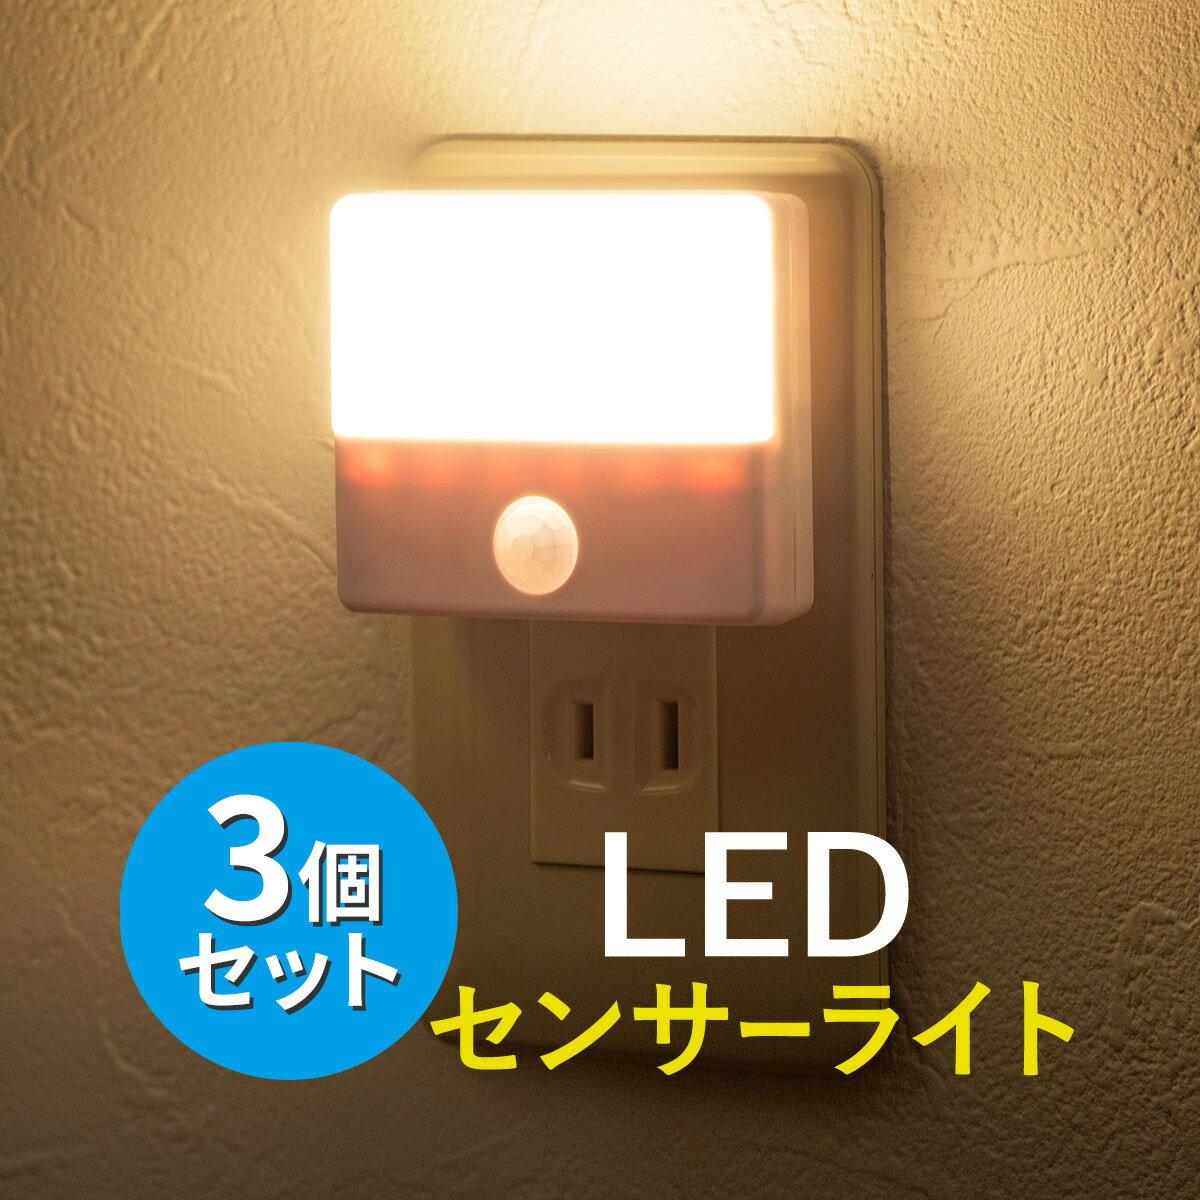 【まとめ割 3個セット】人感センサー付きLEDライト LEDライト AC電源 コンセント 室内 屋内用 薄型 小型 ナイトライト ホワイト 非常灯 防災 おしゃれ[800-LED026]【サンワダイレクト限定品】【送料無料】